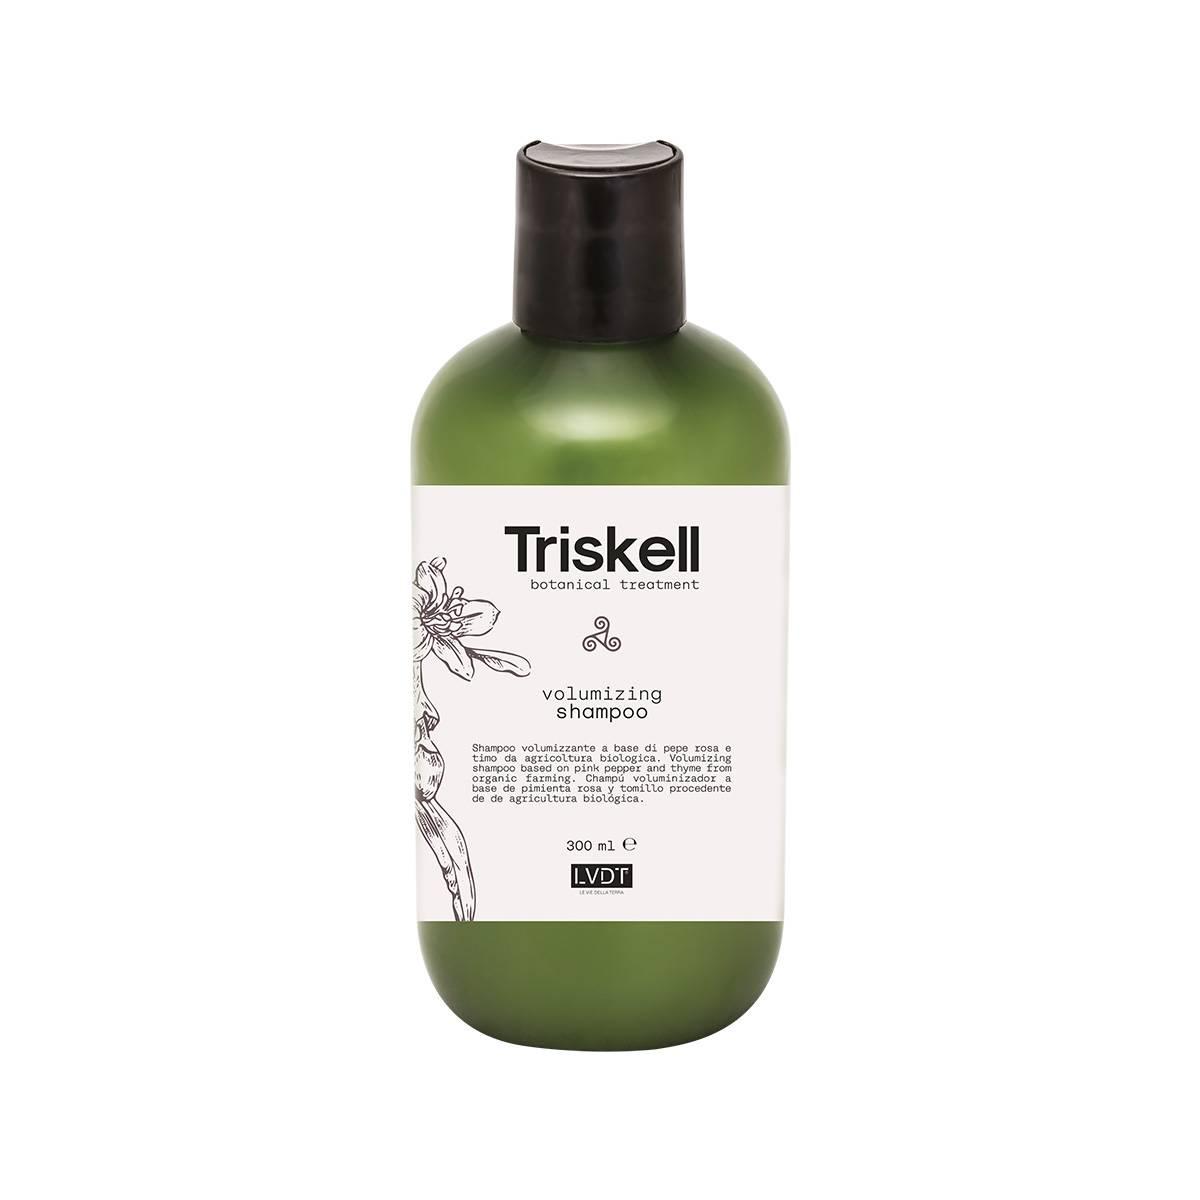 Volumizing Shampoo 300ml Triskell Botanical Treatment